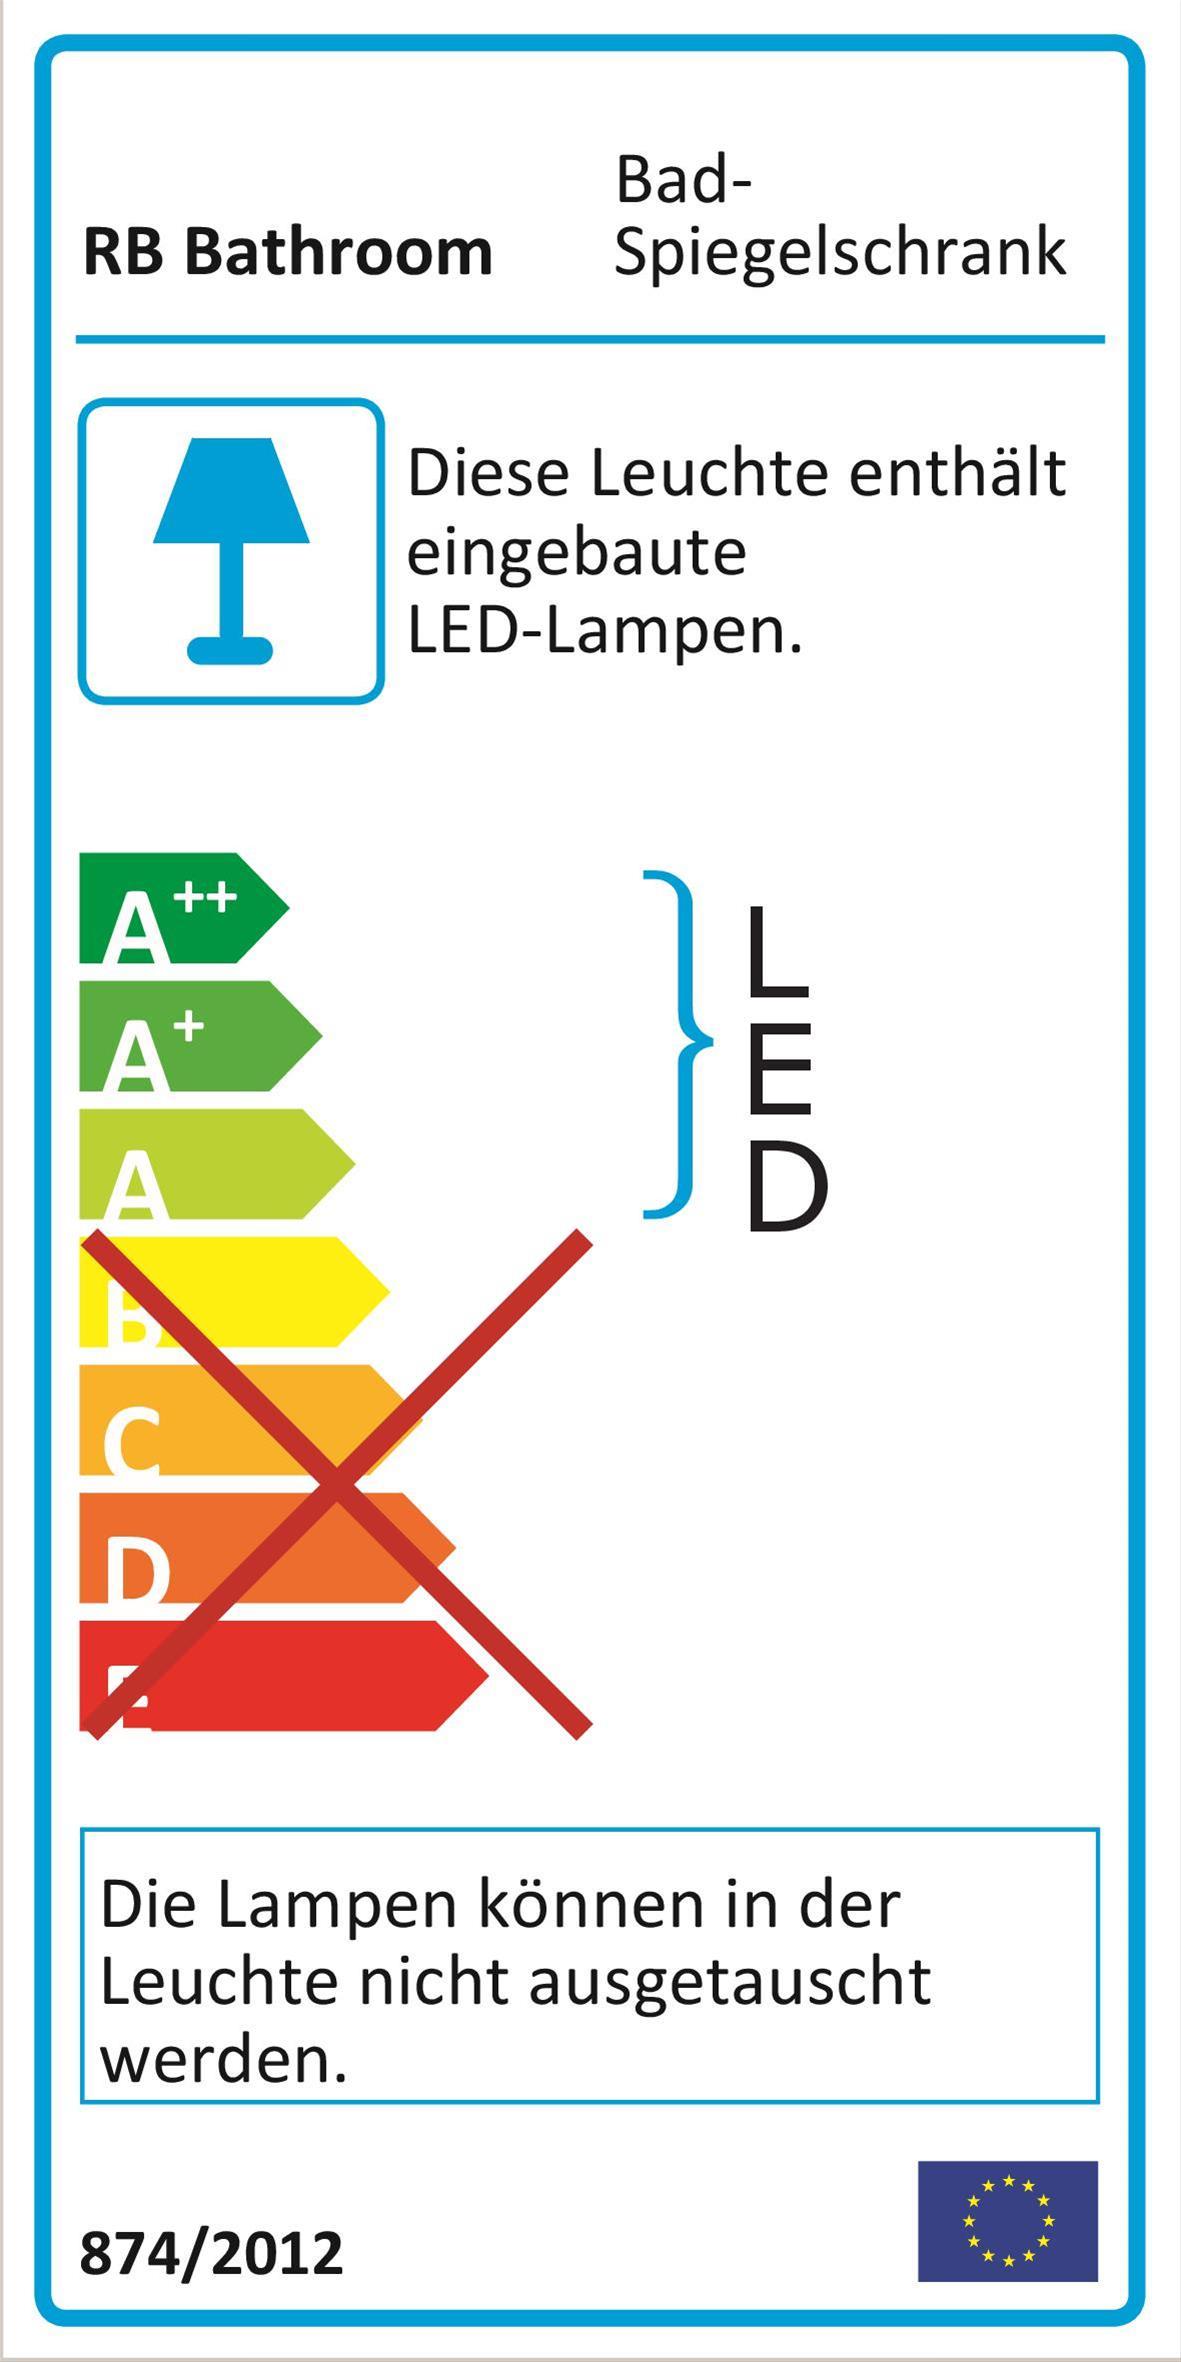 Bad LED Spiegelschrank Scandic 80 Esche Bild 4